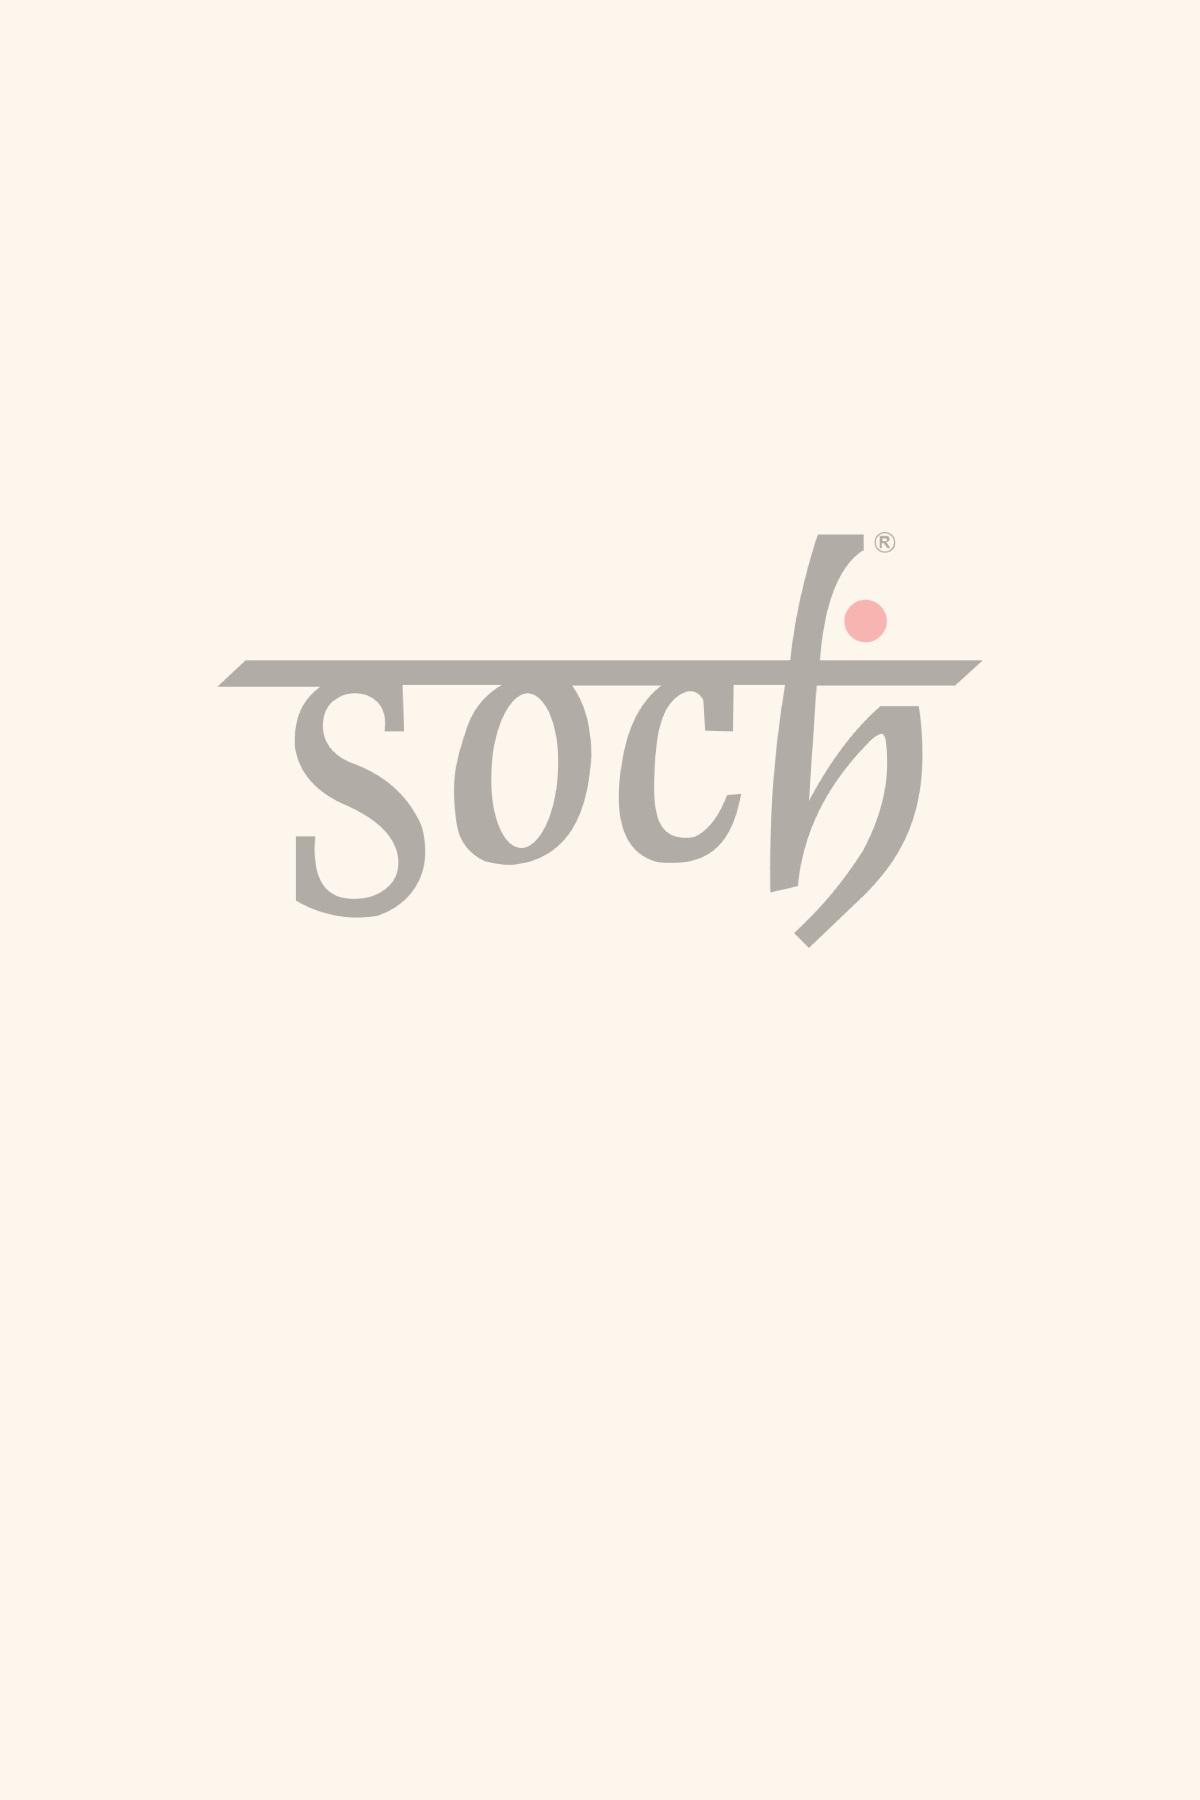 bfaea5a6de7 Soch Yellow Embroidered Tussar Silk Saree - SOHN SR 43006